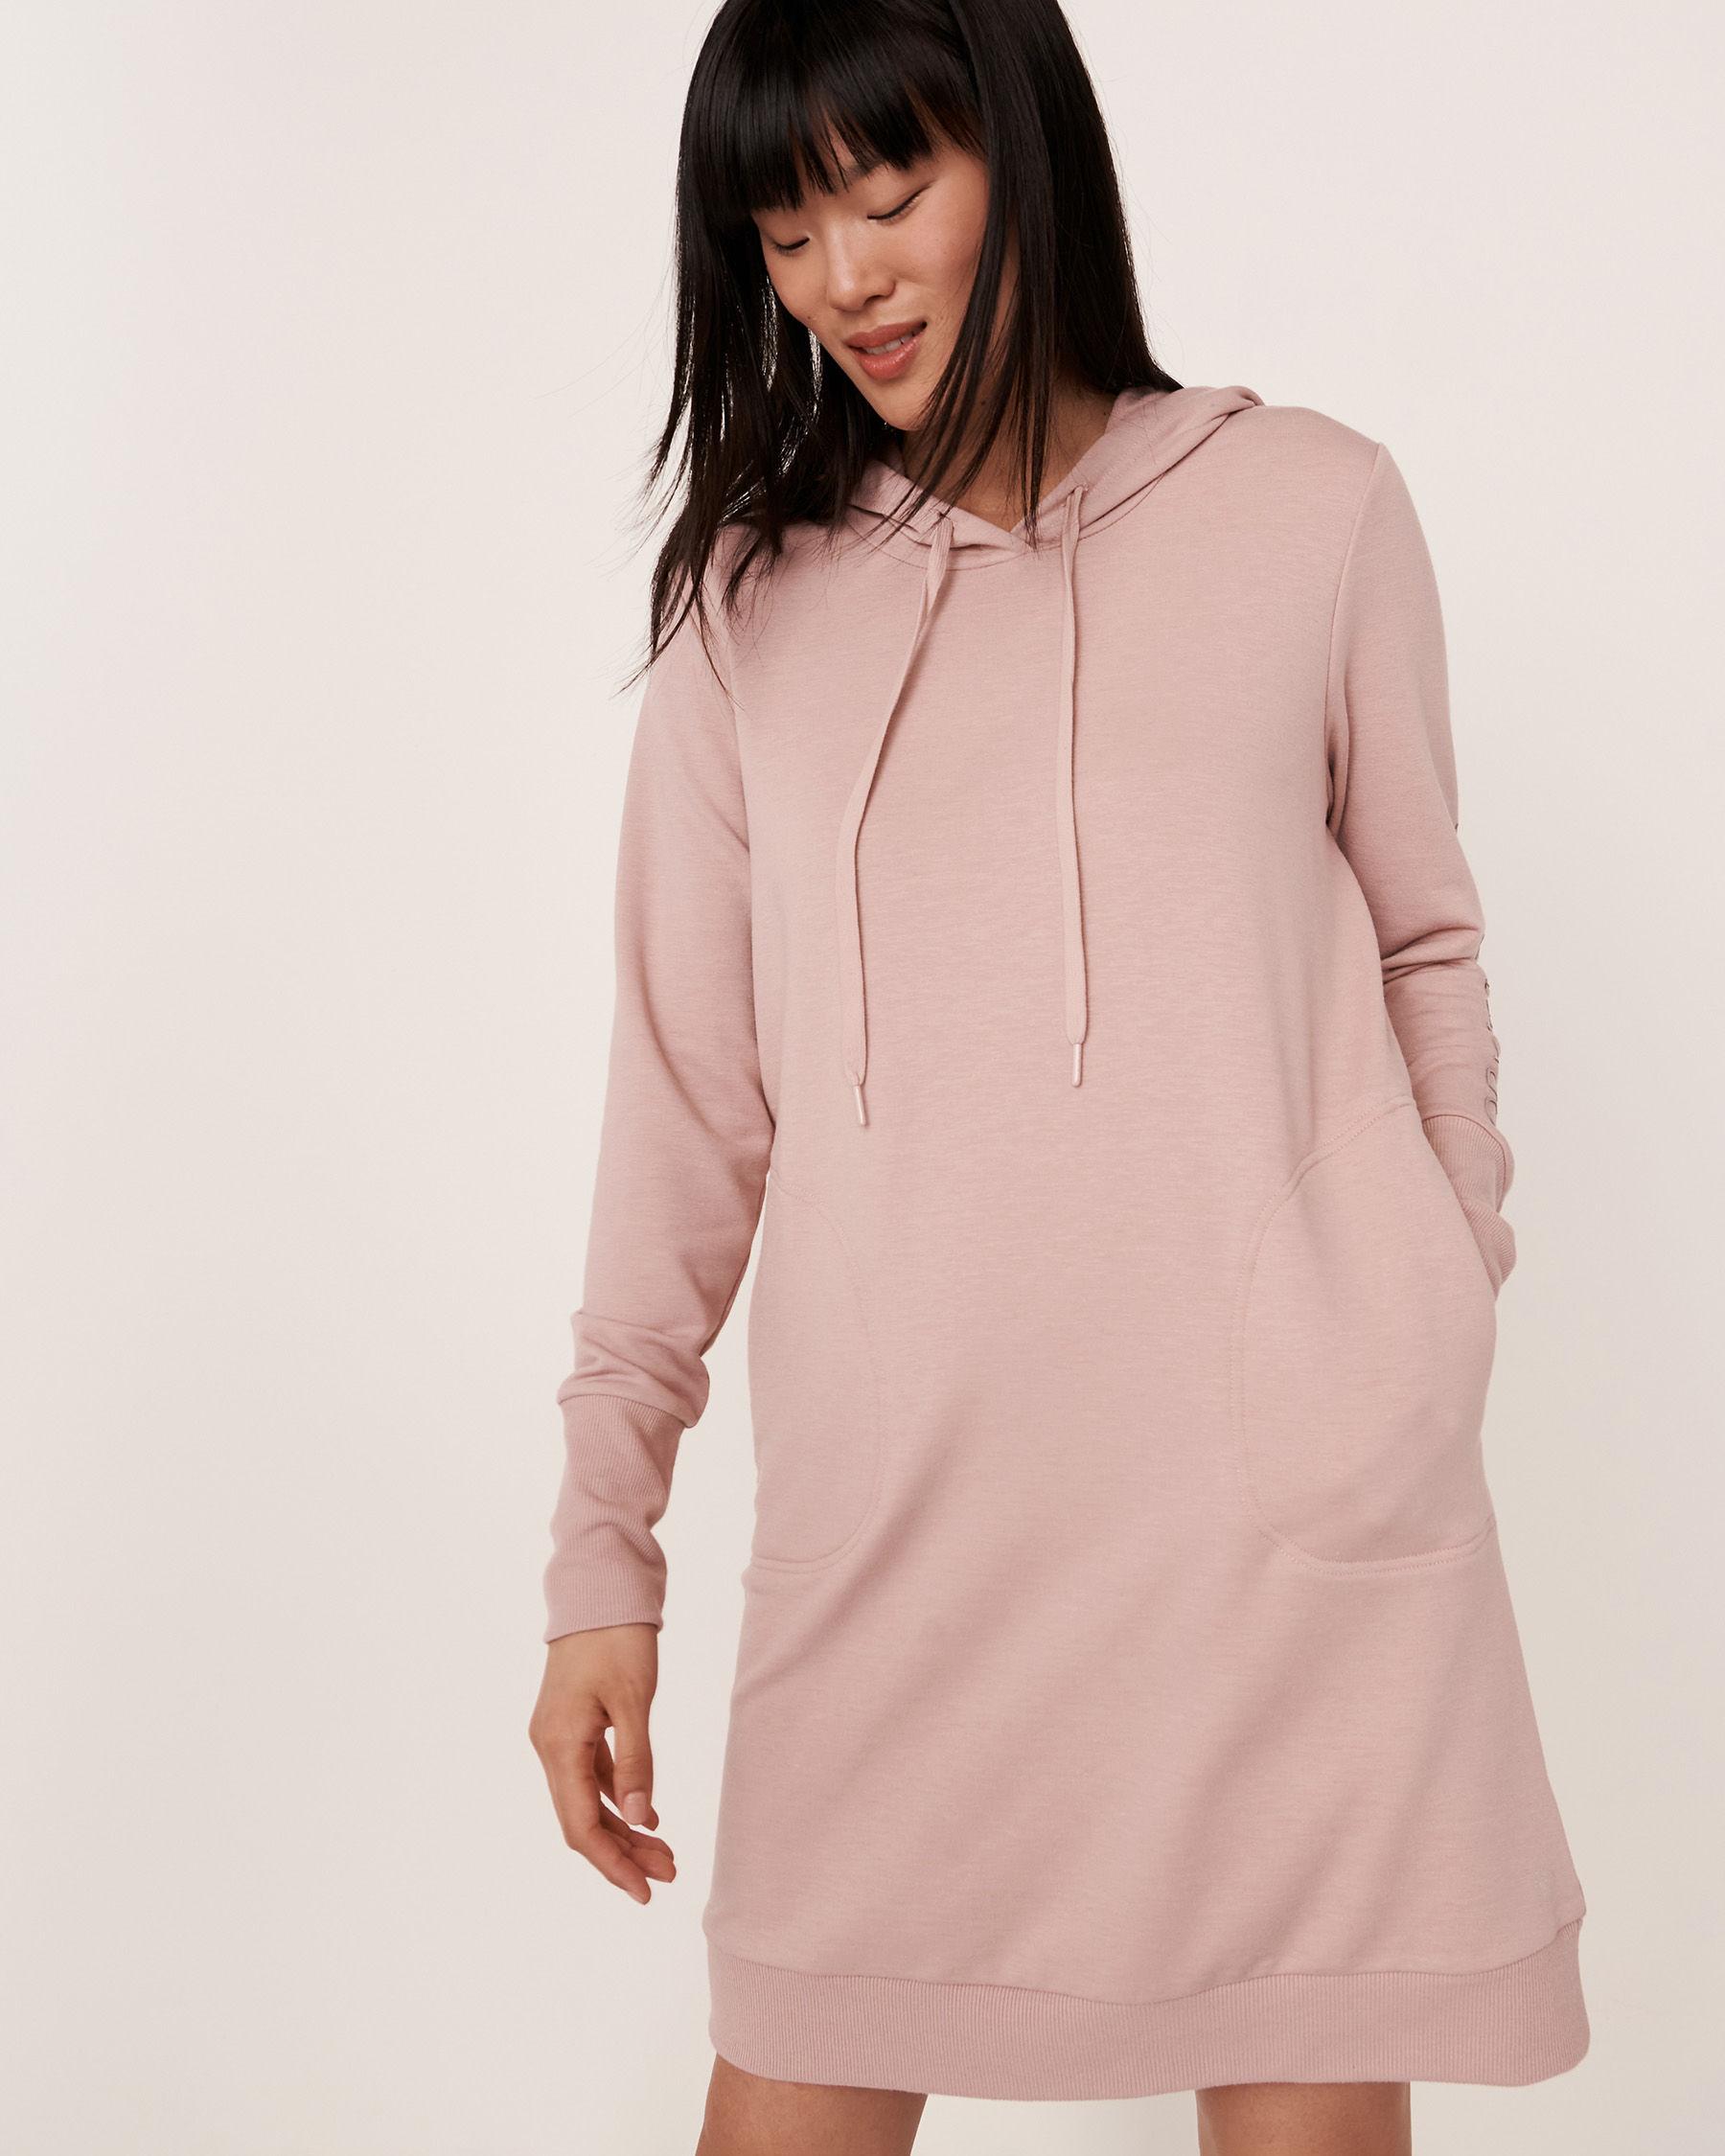 LA VIE EN ROSE Robe manches longues à capuchon Ombre grise 50400007 - Voir2